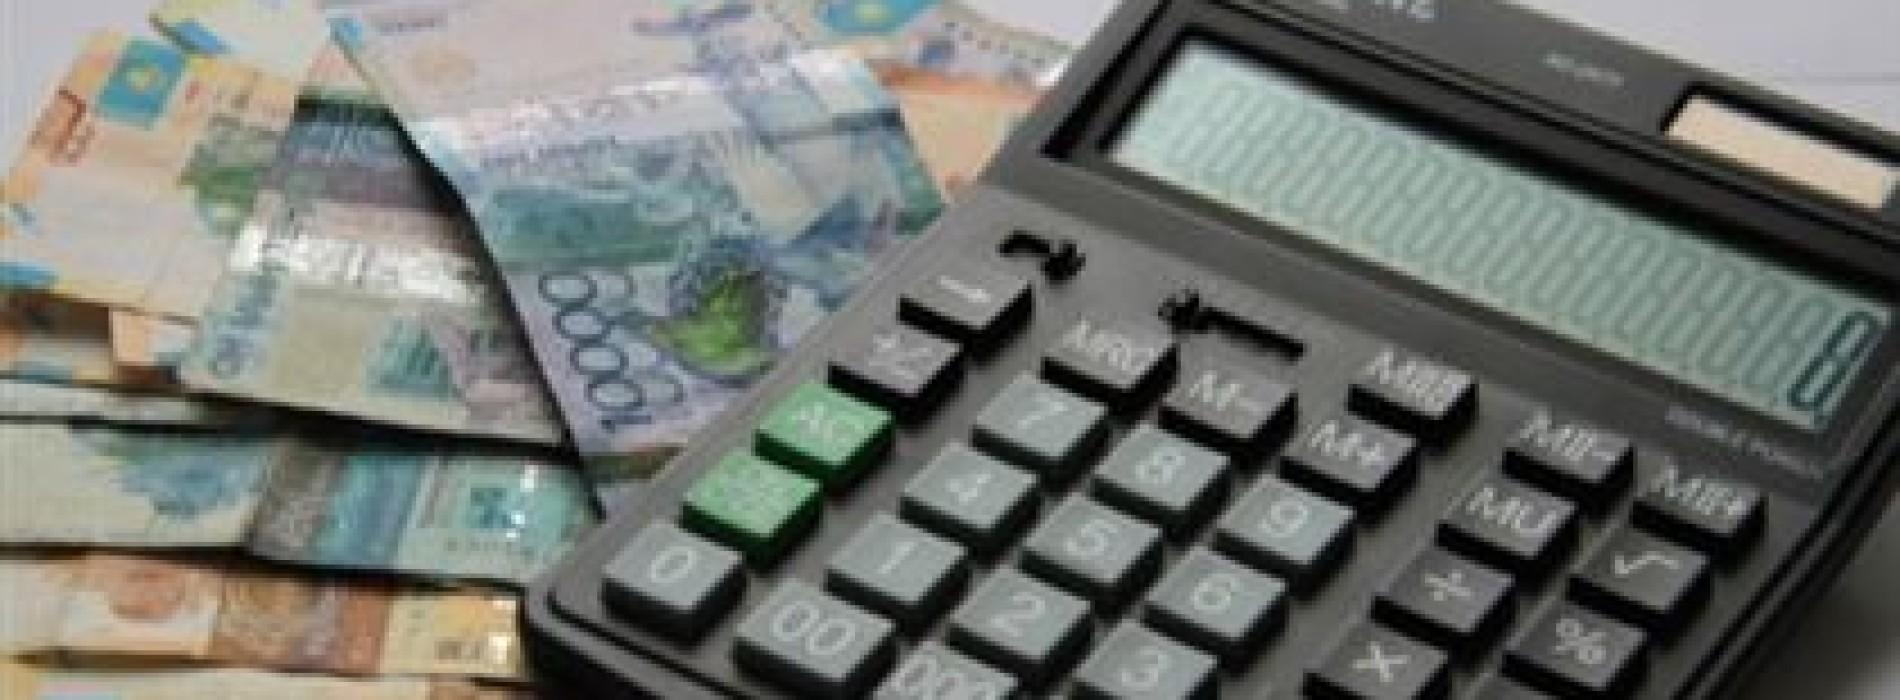 247 миллионов тенге налогов задолжали хозяева элитных домов и квартир в Алматы